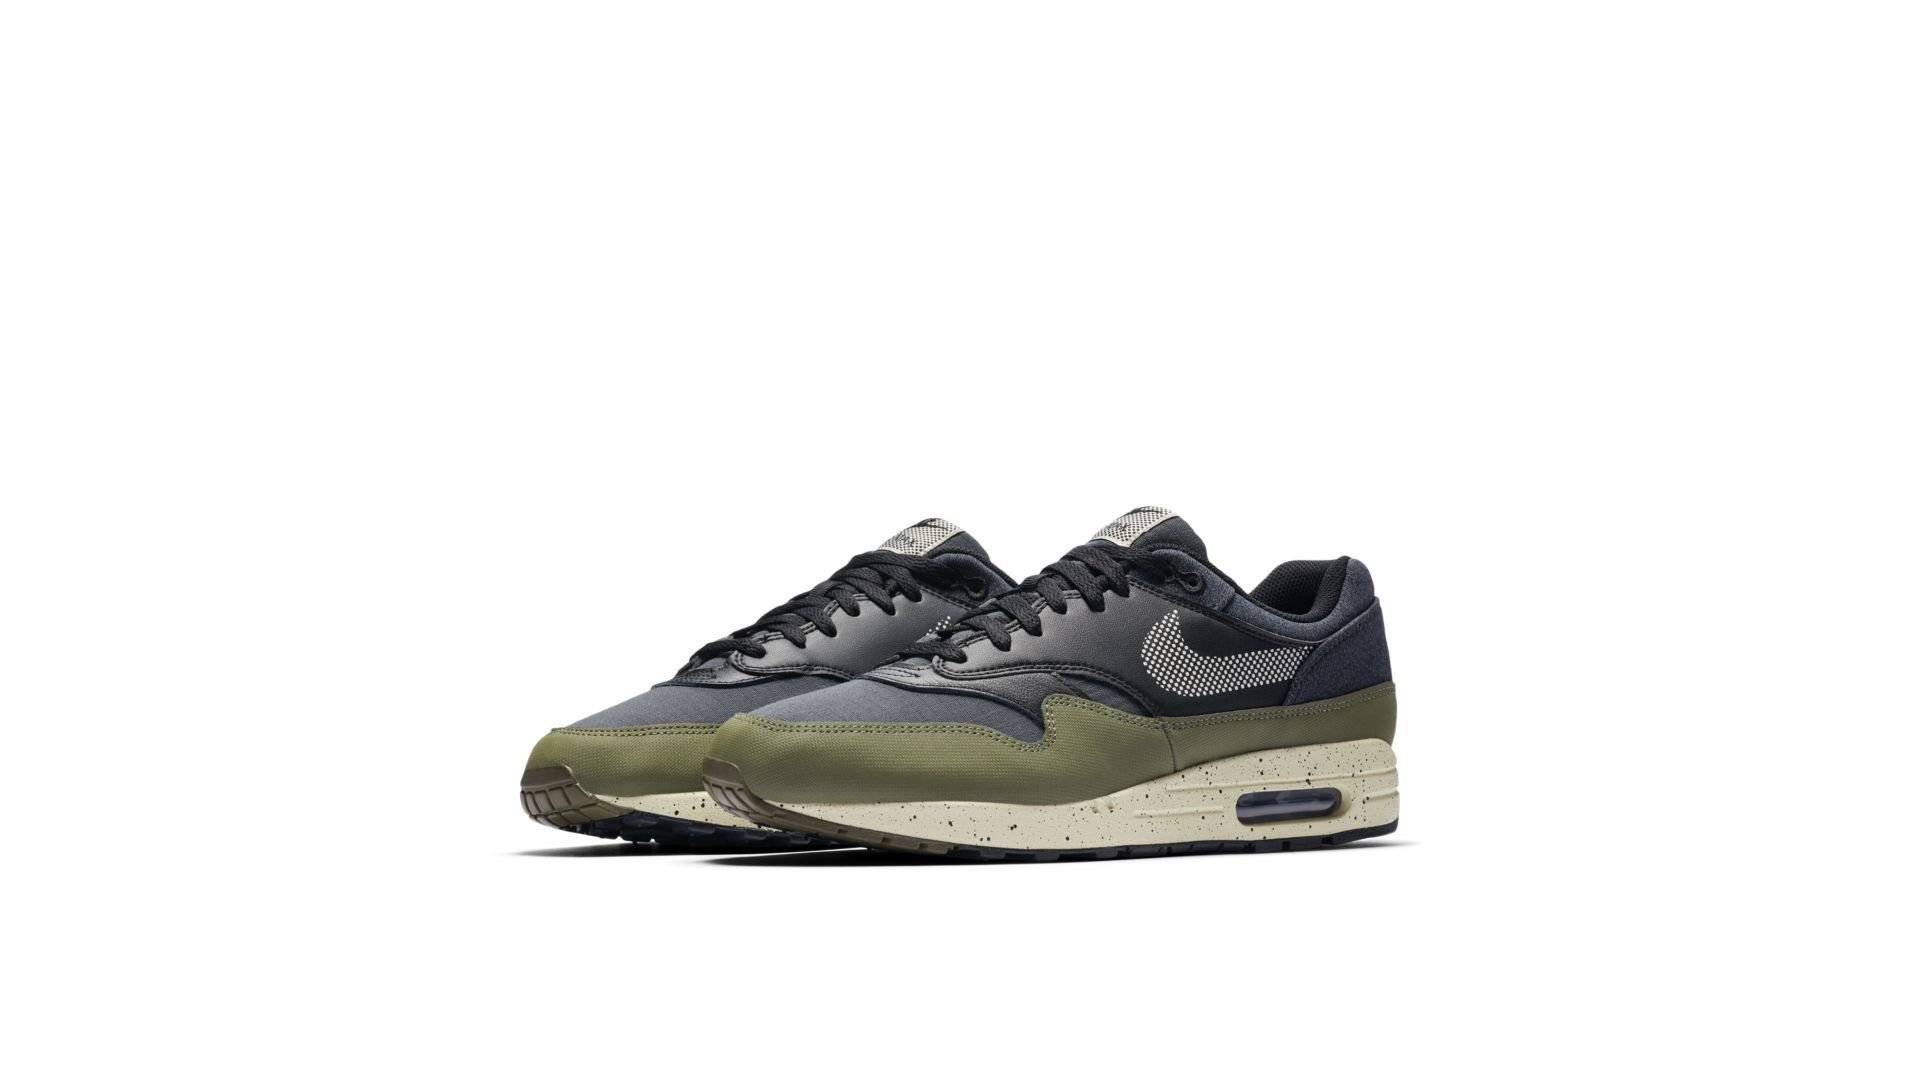 Nike Air Max 1 SE AO1021-200